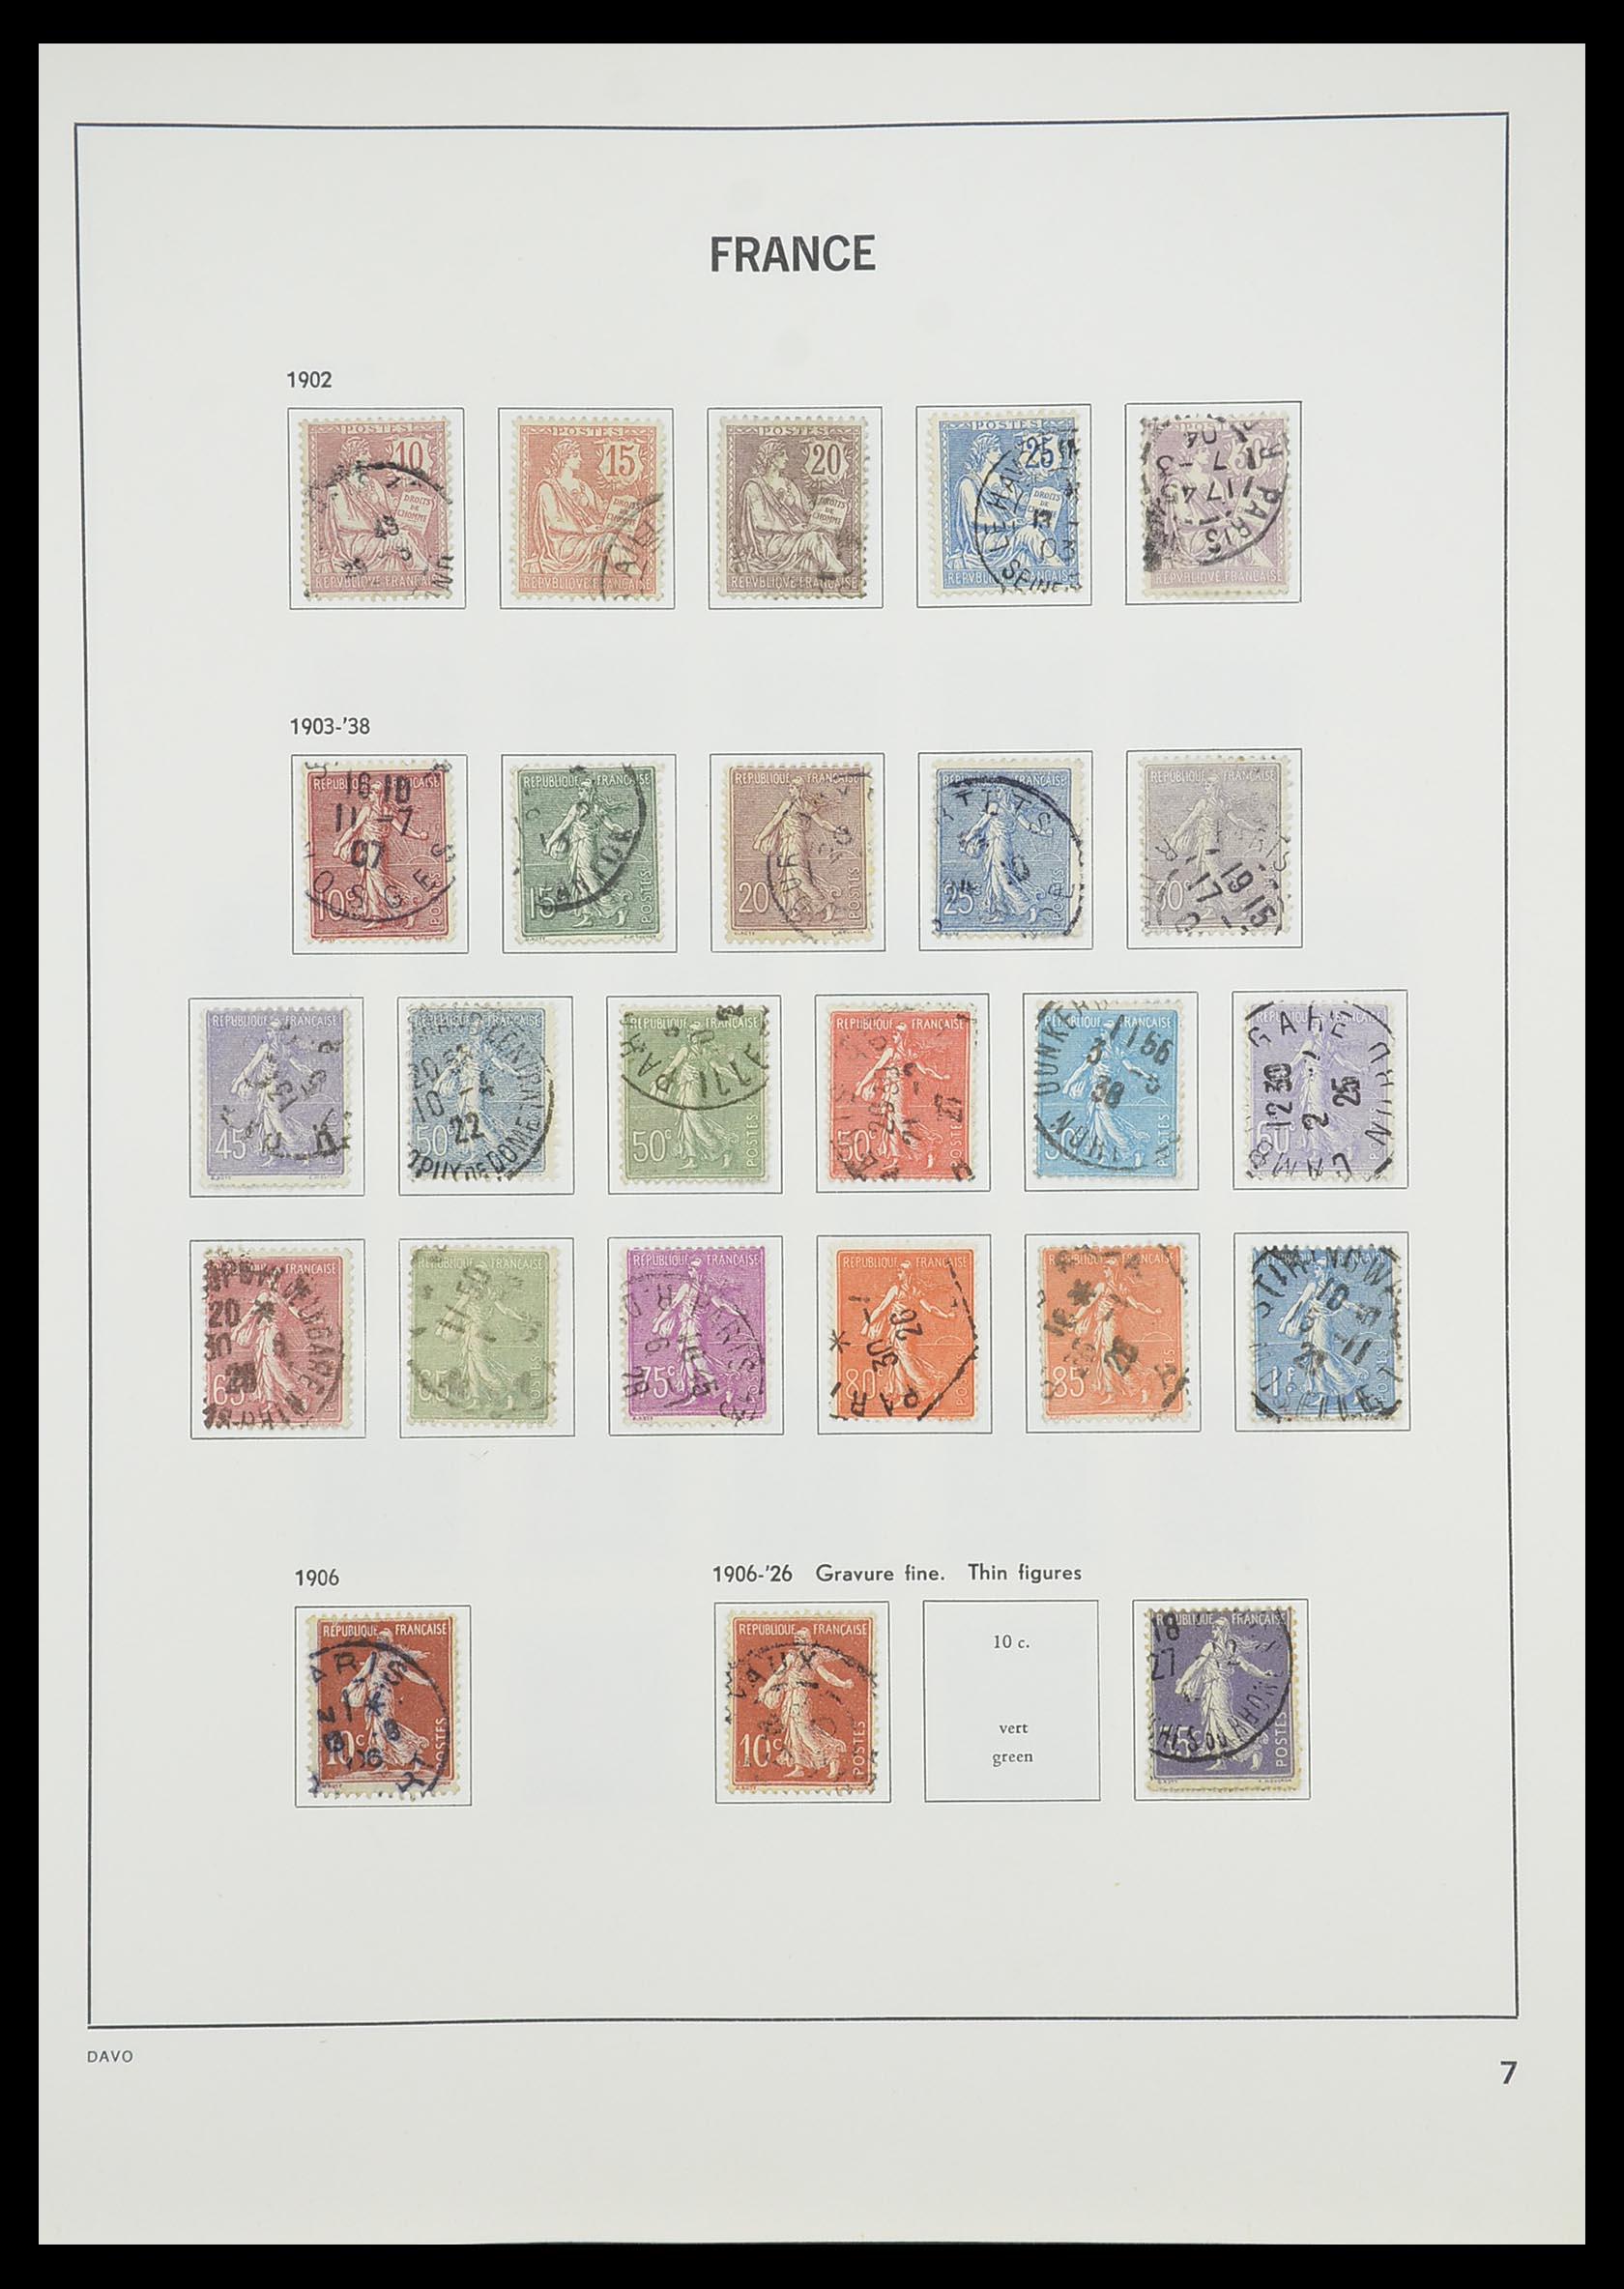 33819 009 - Postzegelverzameling 33819 Frankrijk 1849-1988.